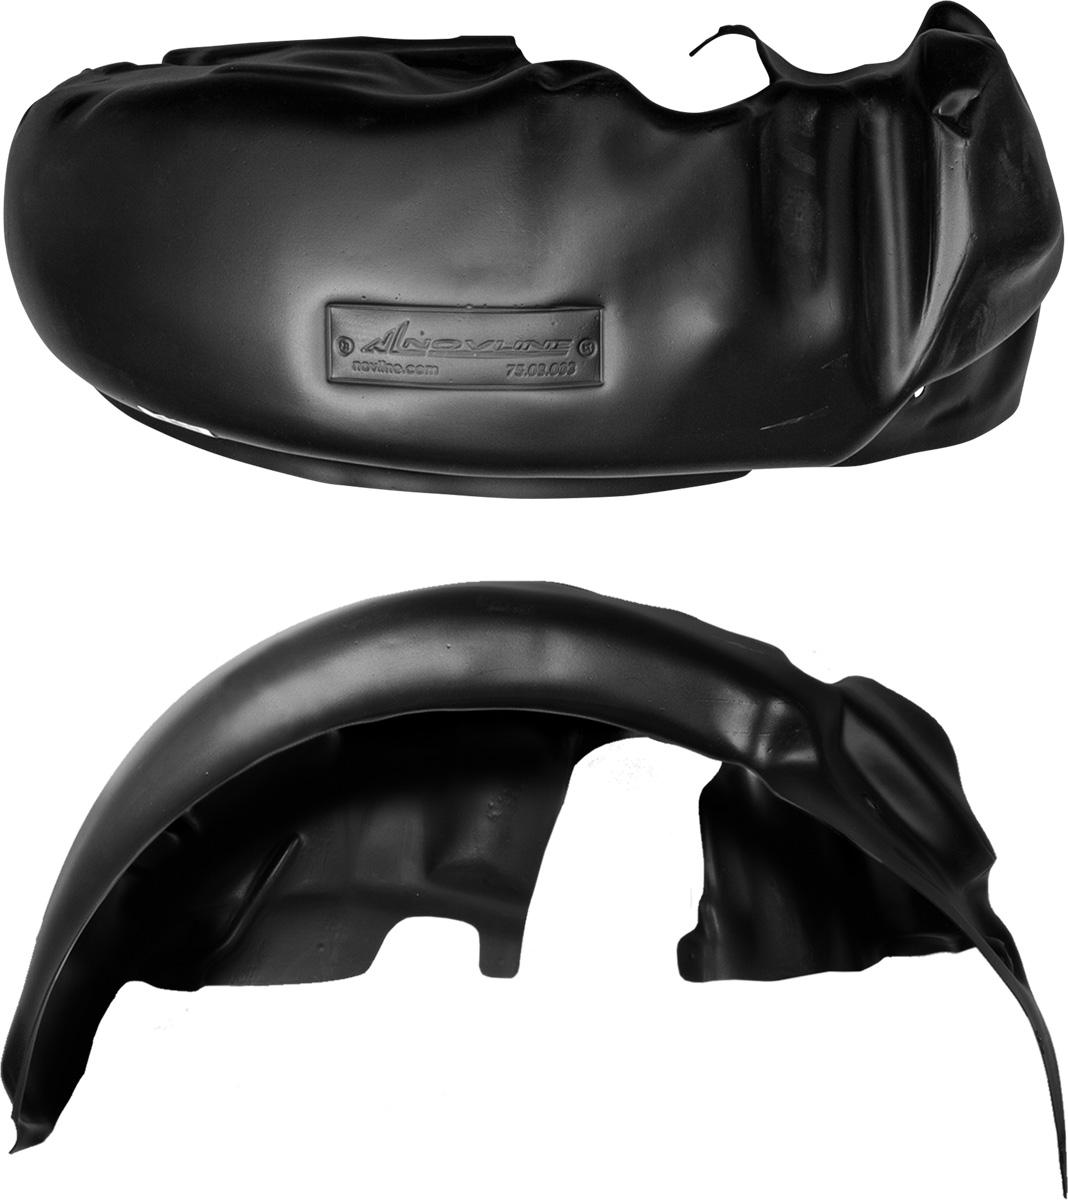 Подкрылок TOYOTA Land Cruiser 200, 11/2007- 2011, 2012-2015, 2015->, задний правый240000Колесные ниши – одни из самых уязвимых зон днища вашего автомобиля. Они постоянно подвергаются воздействию со стороны дороги. Лучшая, почти абсолютная защита для них - специально отформованные пластиковые кожухи, которые называются подкрылками, или локерами. Производятся они как для отечественных моделей автомобилей, так и для иномарок. Подкрылки выполнены из высококачественного, экологически чистого пластика. Обеспечивают надежную защиту кузова автомобиля от пескоструйного эффекта и негативного влияния, агрессивных антигололедных реагентов. Пластик обладает более низкой теплопроводностью, чем металл, поэтому в зимний период эксплуатации использование пластиковых подкрылков позволяет лучше защитить колесные ниши от налипания снега и образования наледи. Оригинальность конструкции подчеркивает элегантность автомобиля, бережно защищает нанесенное на днище кузова антикоррозийное покрытие и позволяет осуществить крепление подкрылков внутри колесной арки практически без дополнительного крепежа и сверления, не нарушая при этом лакокрасочного покрытия, что предотвращает возникновение новых очагов коррозии. Технология крепления подкрылков на иномарки принципиально отличается от крепления на российские автомобили и разрабатывается индивидуально для каждой модели автомобиля. Подкрылки долговечны, обладают высокой прочностью и сохраняют заданную форму, а также все свои физико-механические характеристики в самых тяжелых климатических условиях ( от -50° С до + 50° С).